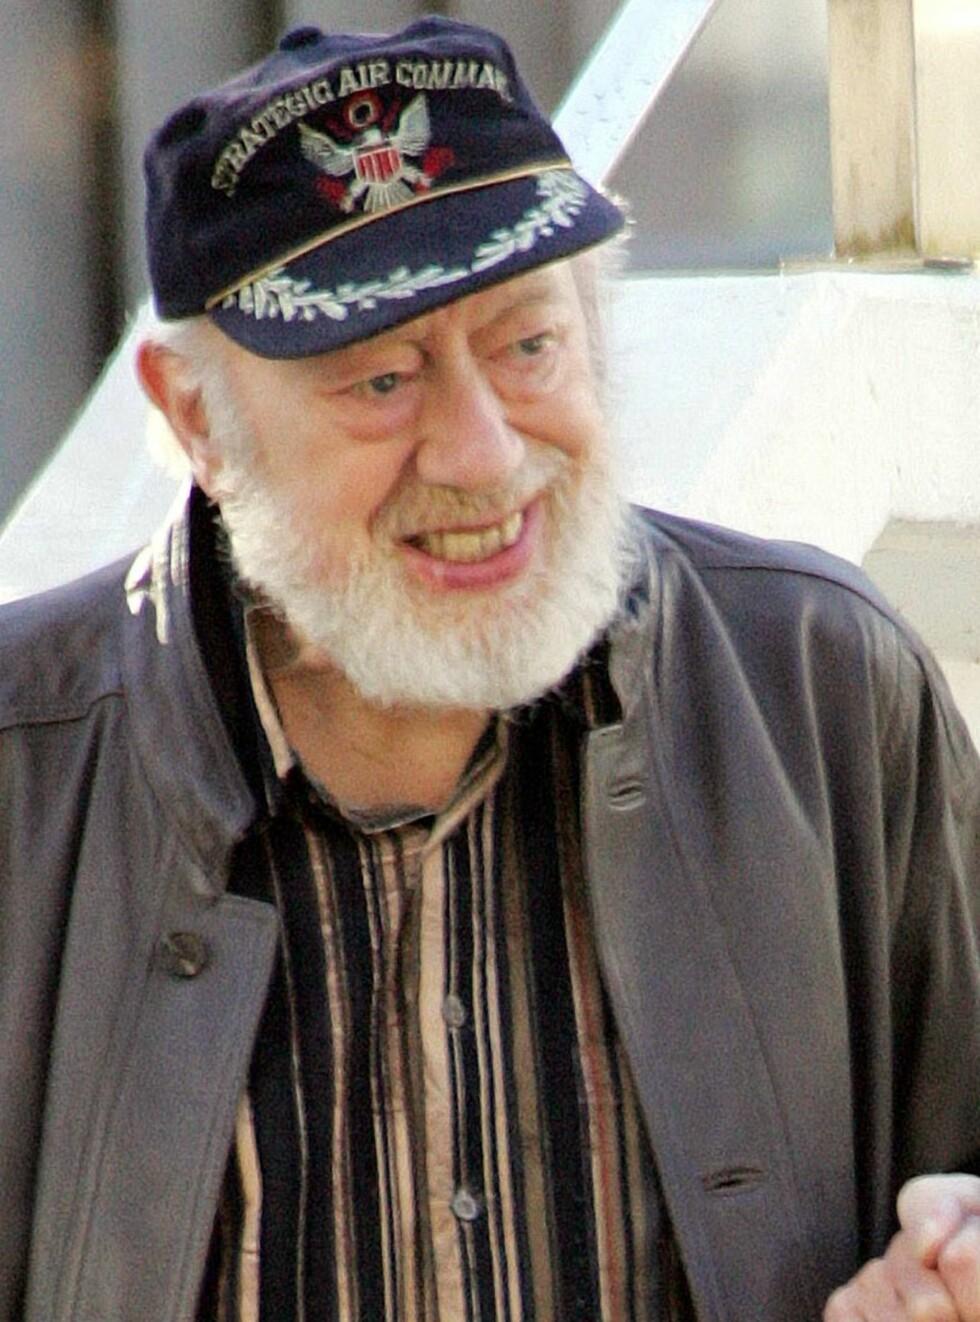 KJEMPER FOR LIVET: Horst Tappert har allerede testamentet klart.  Foto: Stella Pictures